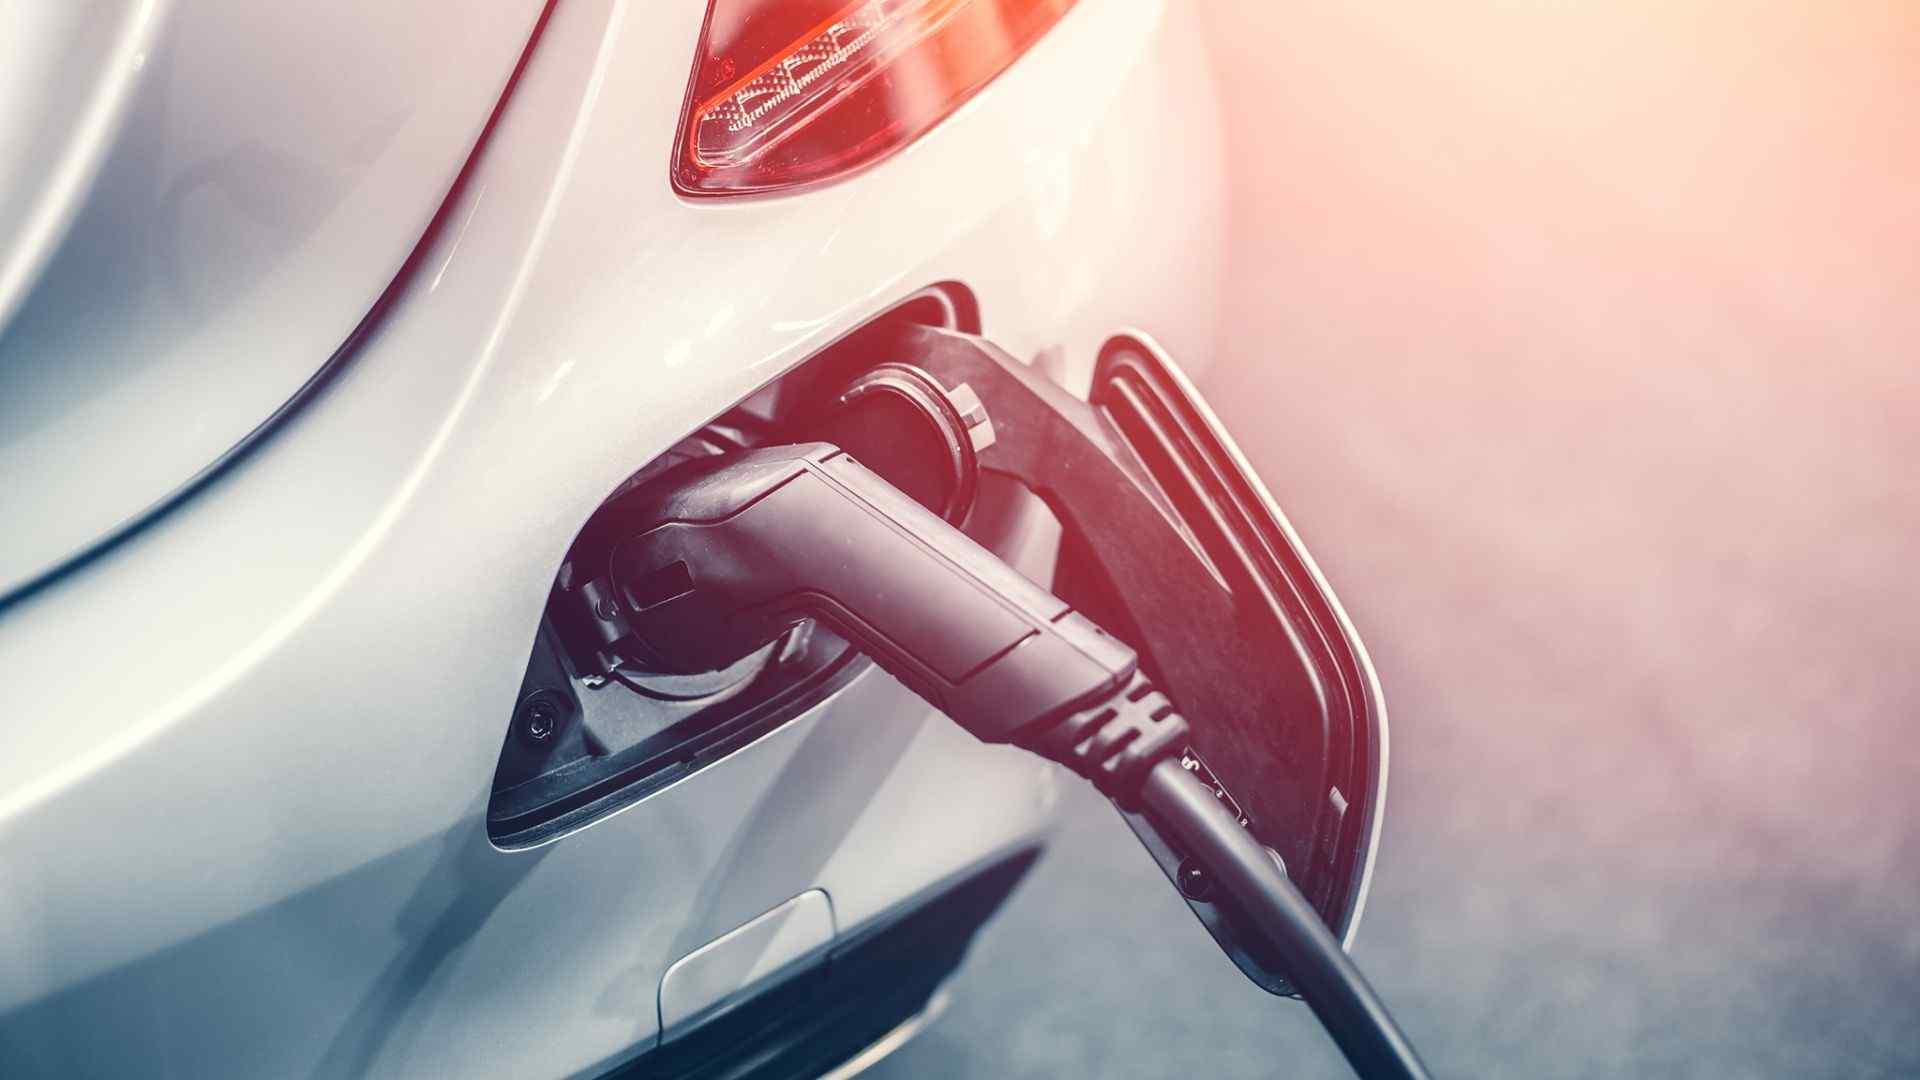 Fördermittel: Wer zuerst kommt fährt zuerst: Förderung von elektrischen Nutzfahrzeugen am 4. August 2020 gestartet!